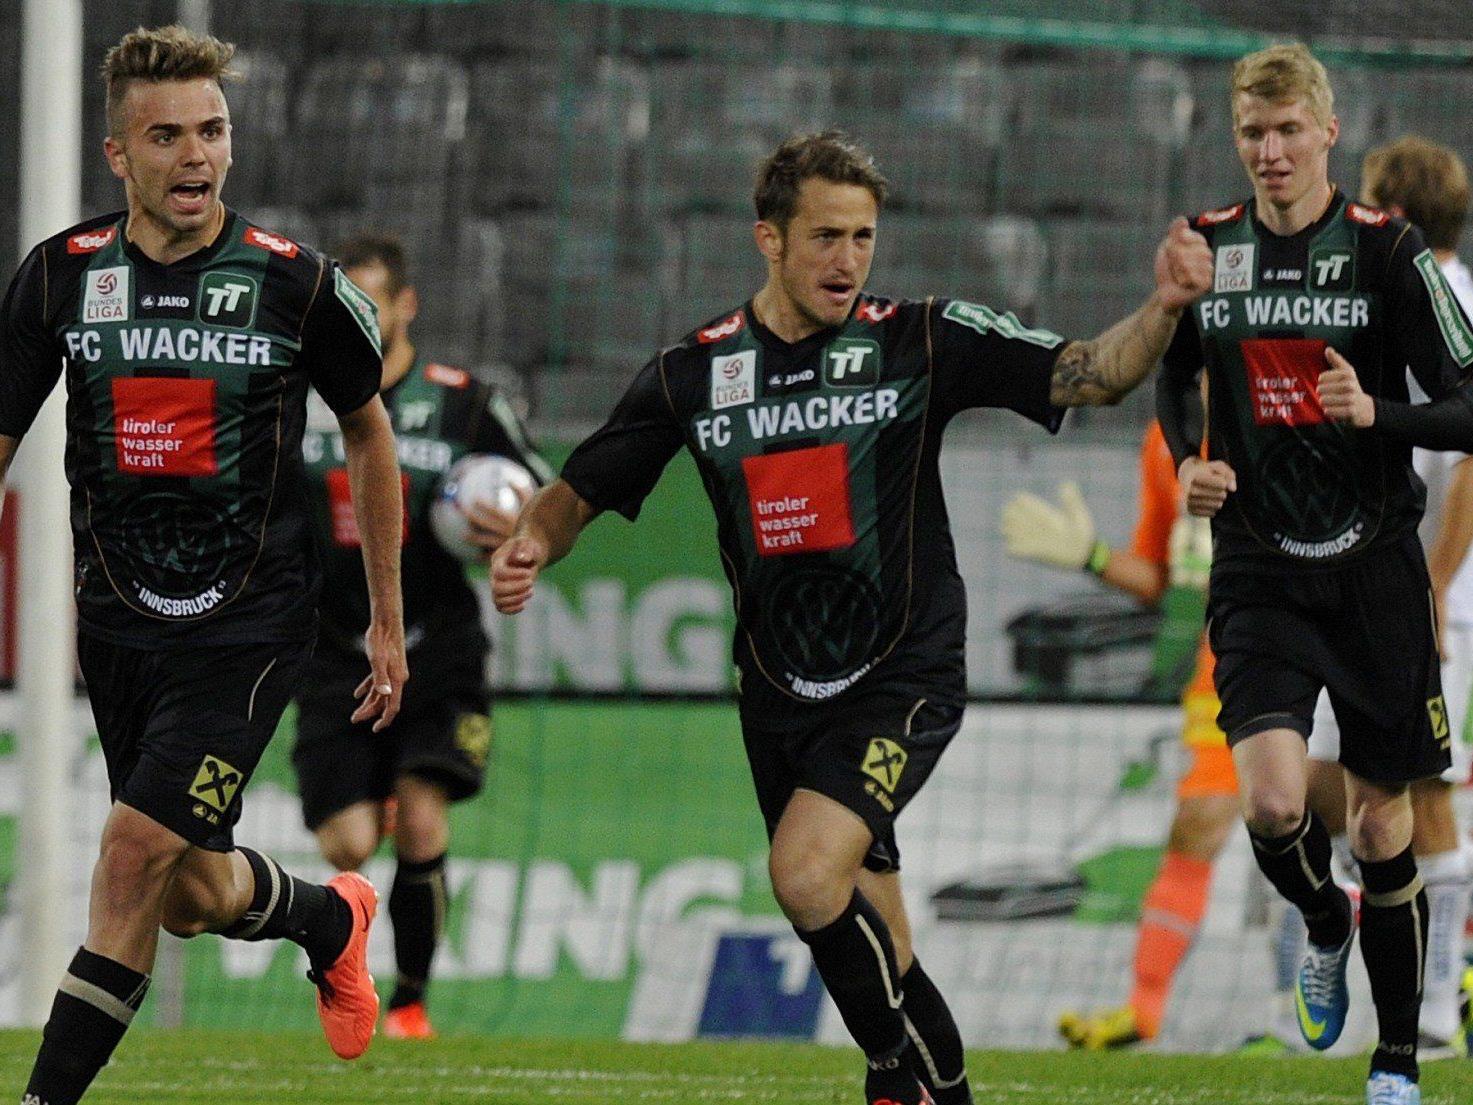 Wir berichten ab 16.00 Uhr in unserem Live-Ticker vom Spiel WAC gegen FC Wacker Innsbruck